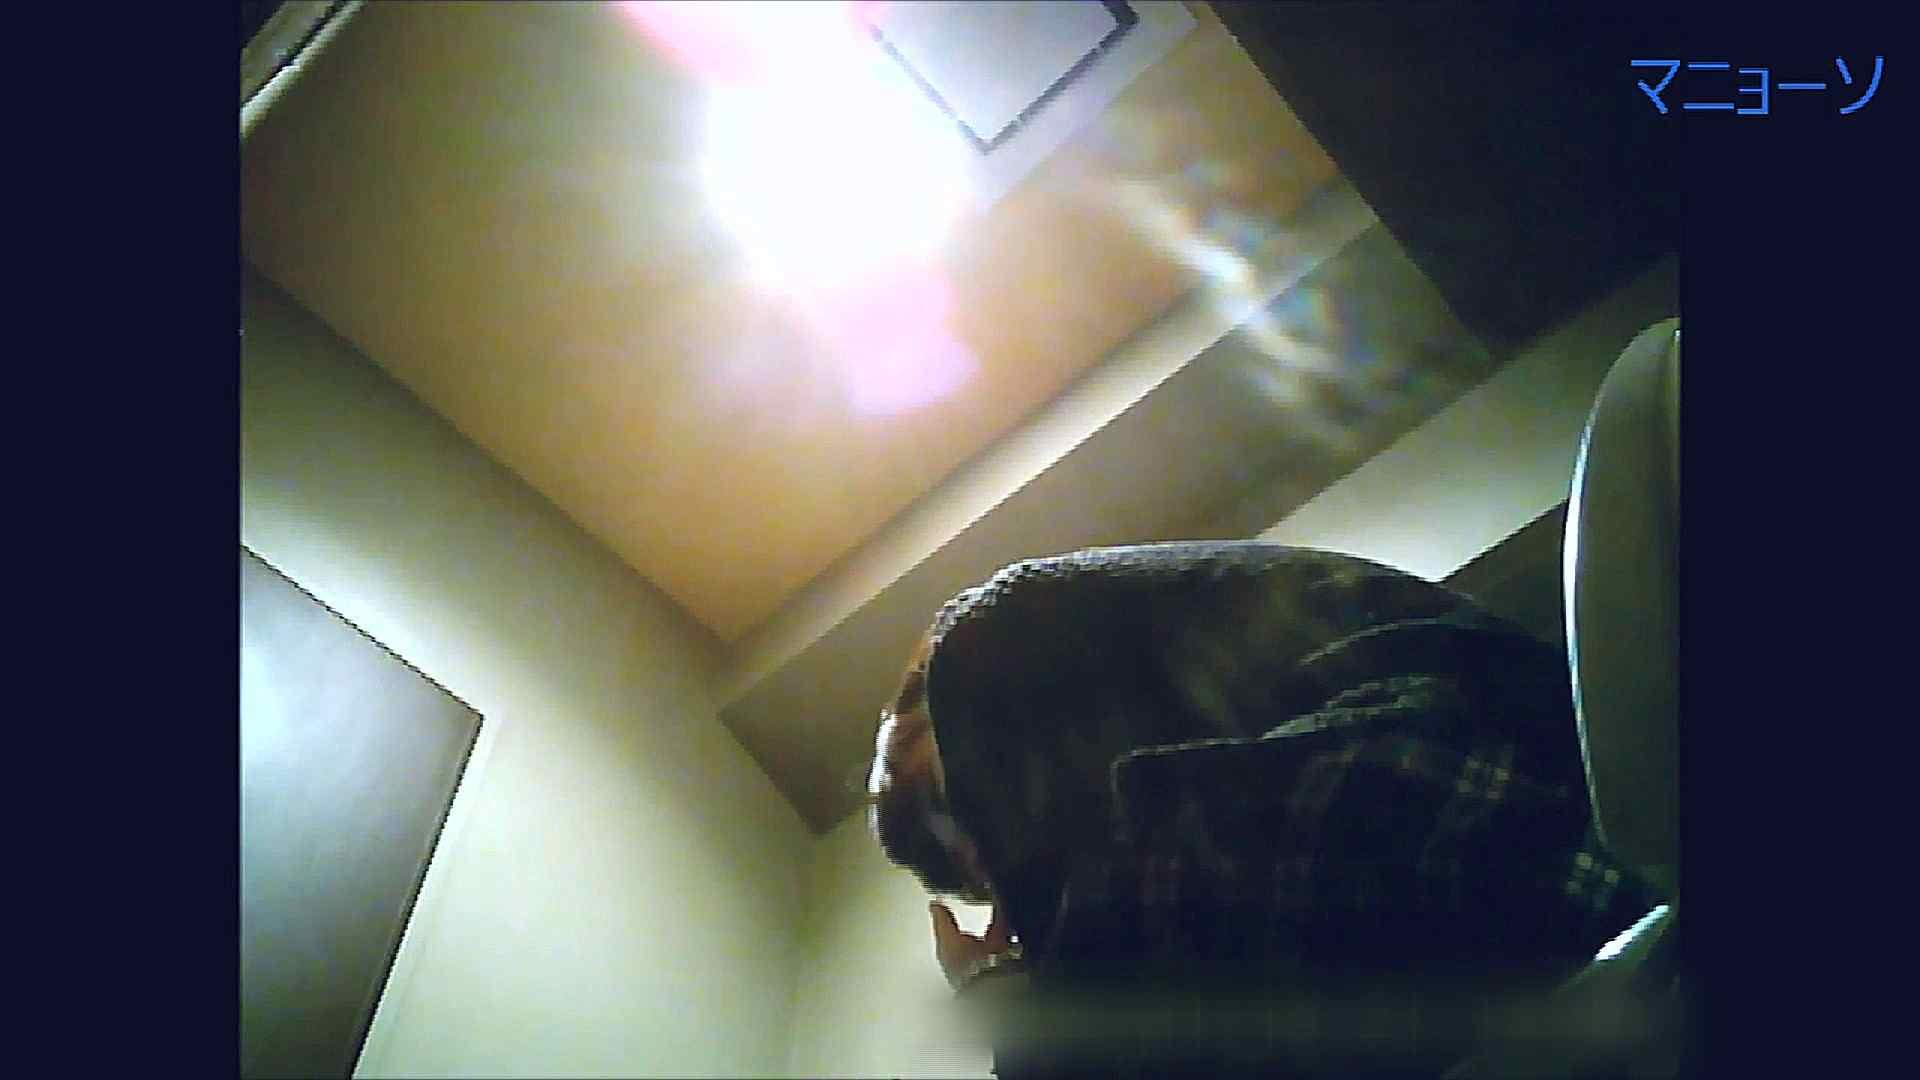 トイレでひと肌脱いでもらいました (OL編)Vol.13 OLのボディ  87PIX 8